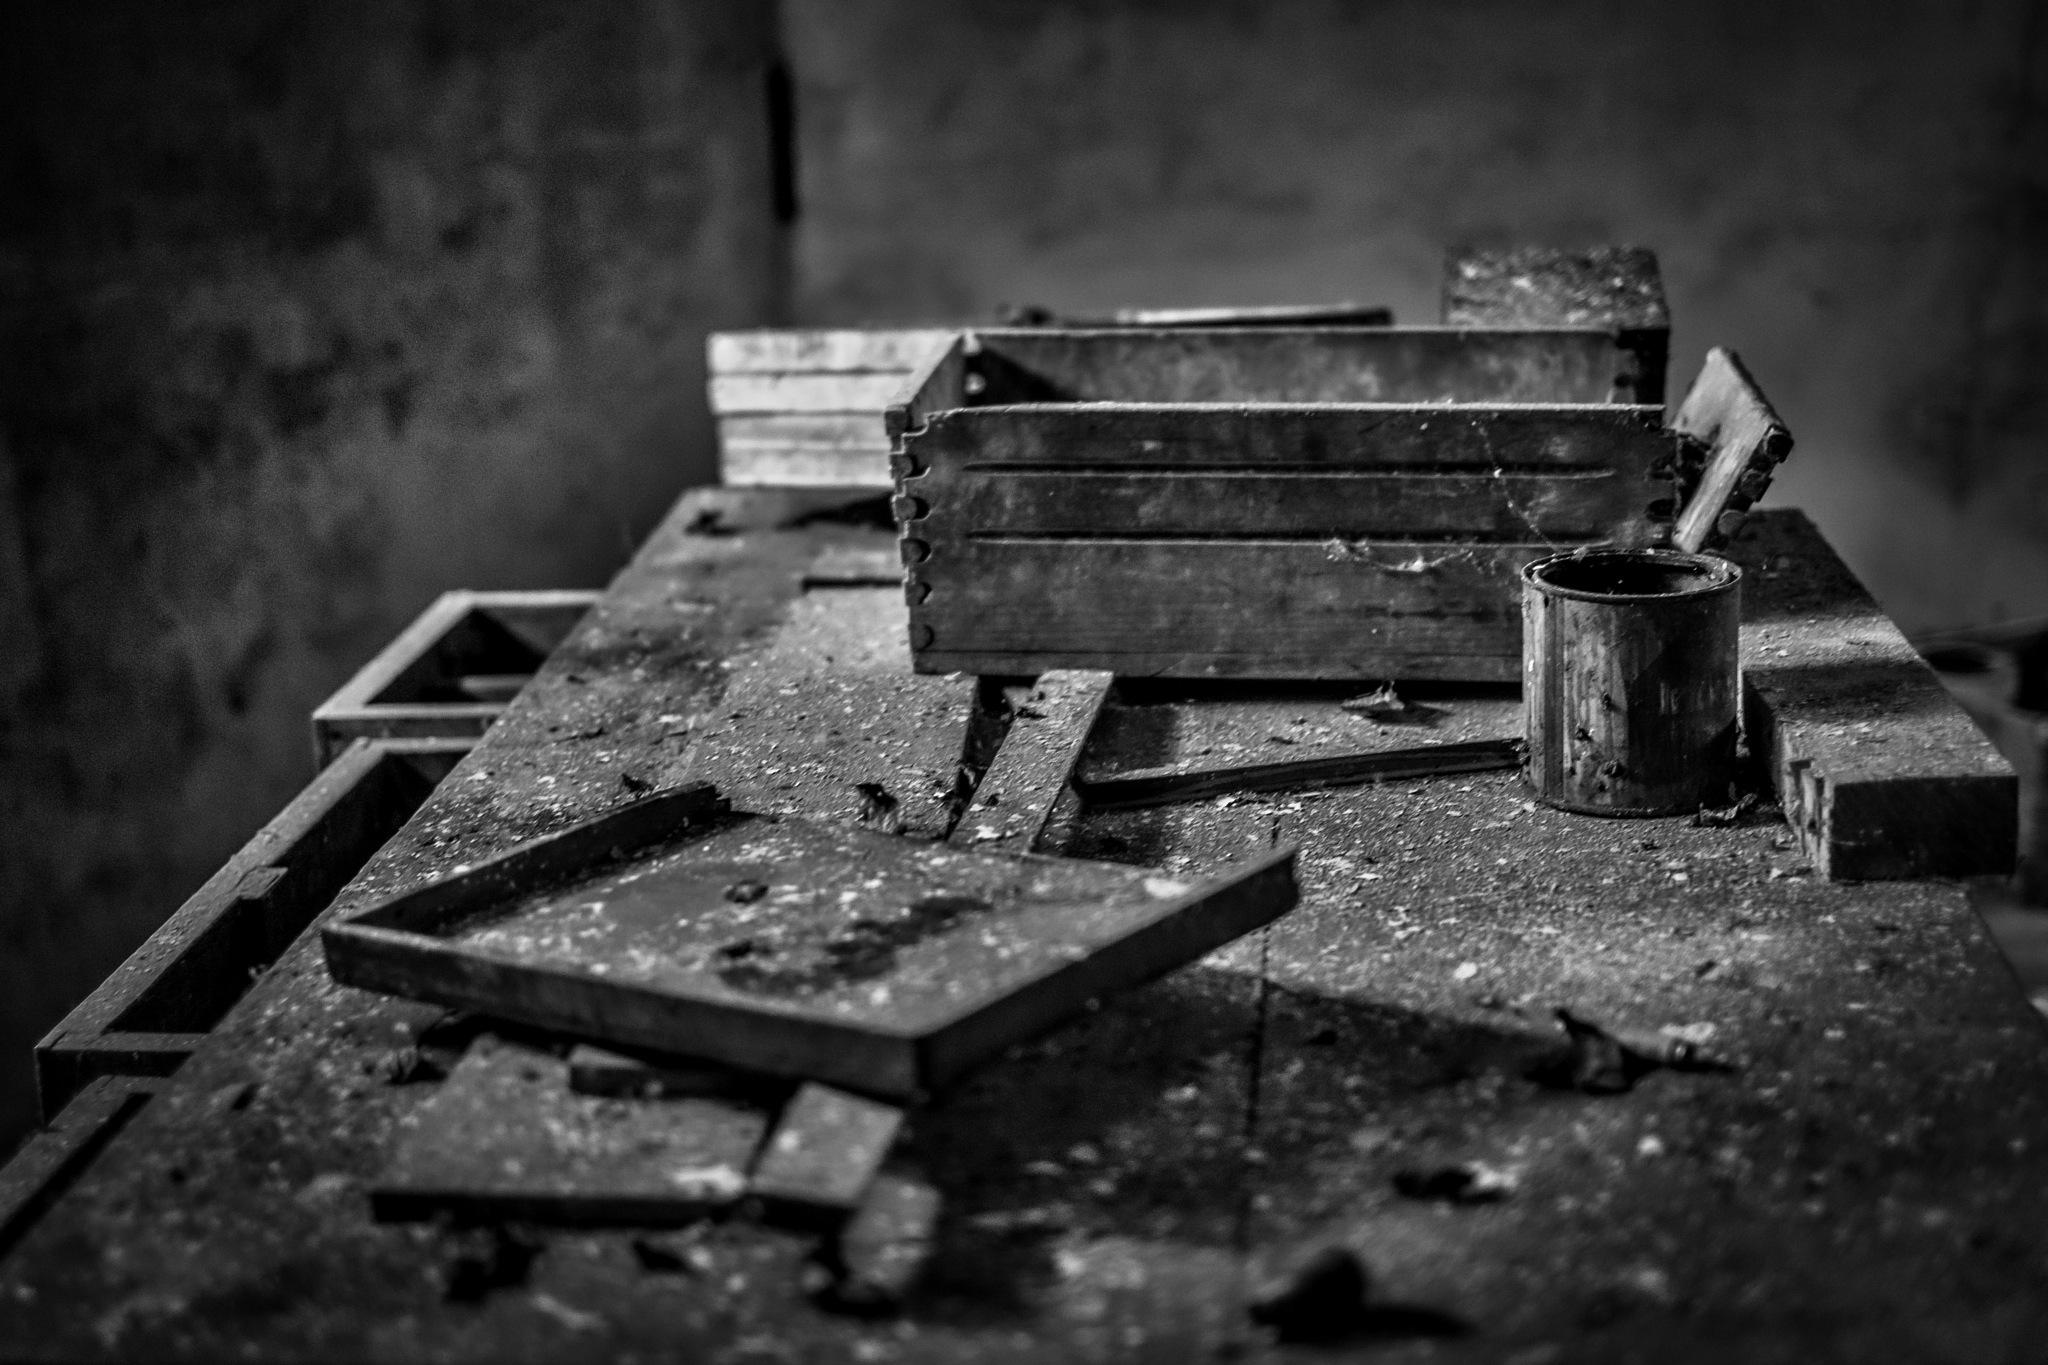 Workbench by FrancescoPala